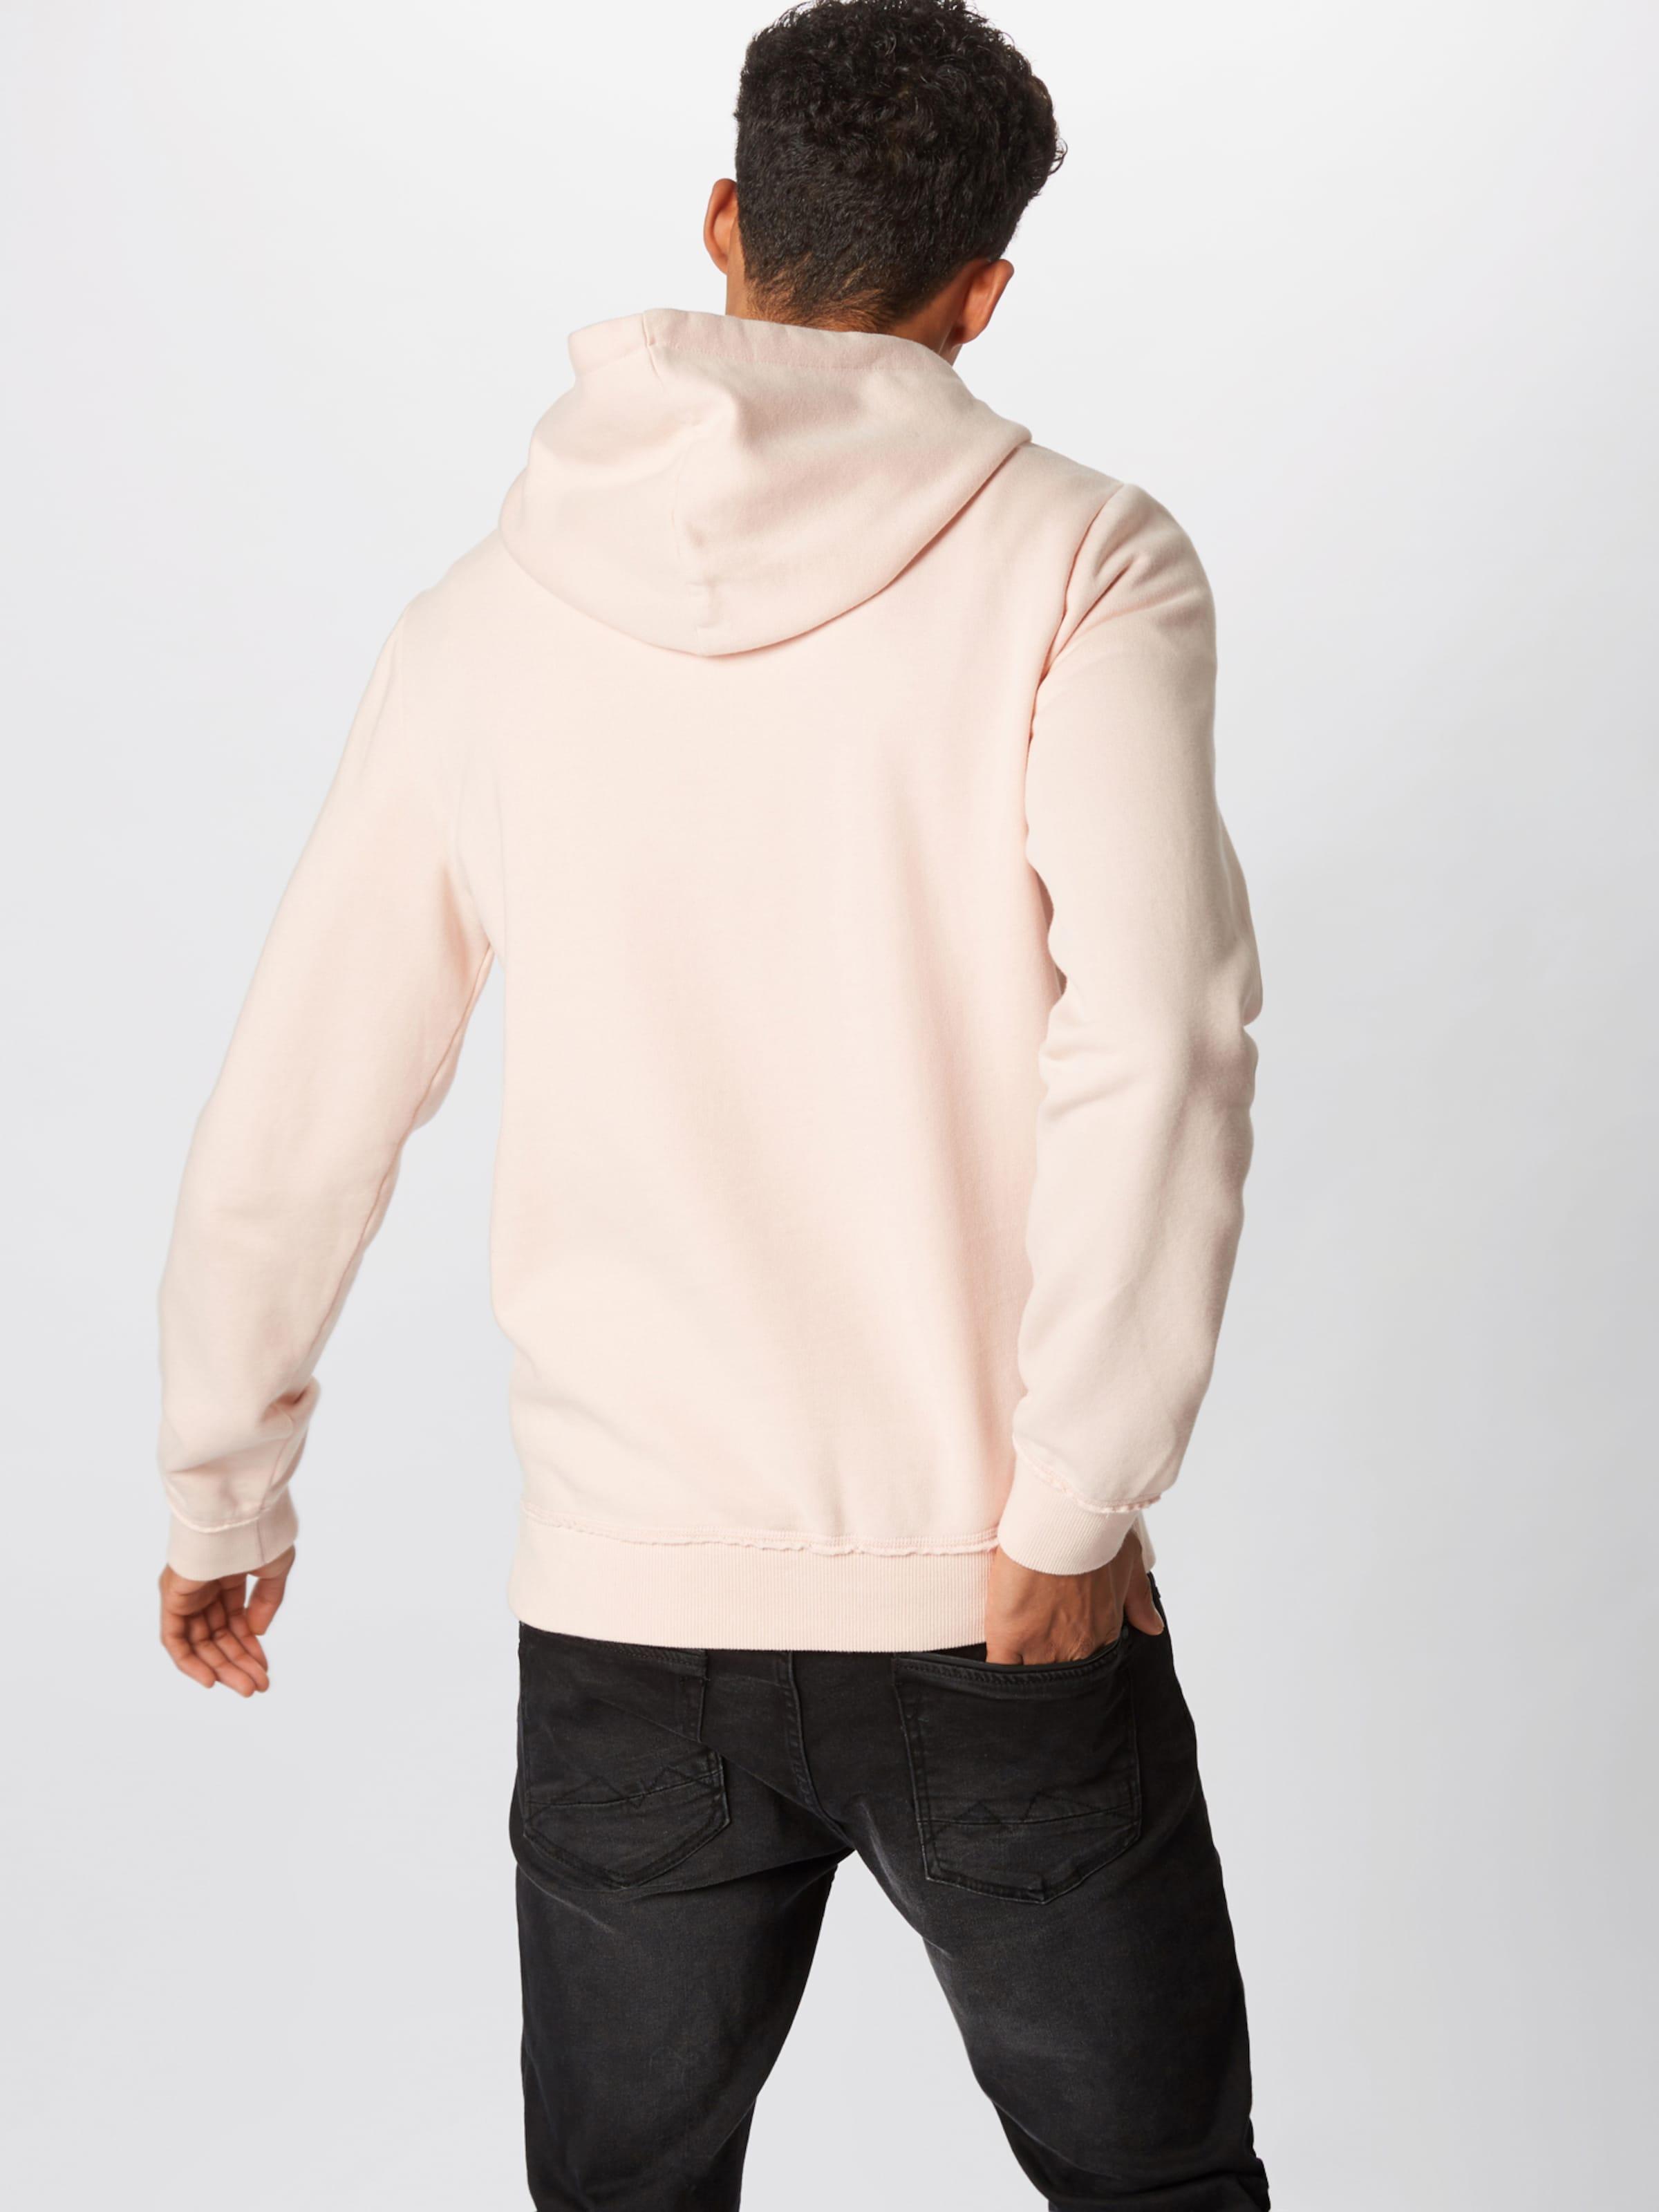 Tigha Tigha Sweatshirt In RosaSchwarz In 'champa' RosaSchwarz 'champa' Tigha Sweatshirt tdosxBQhrC